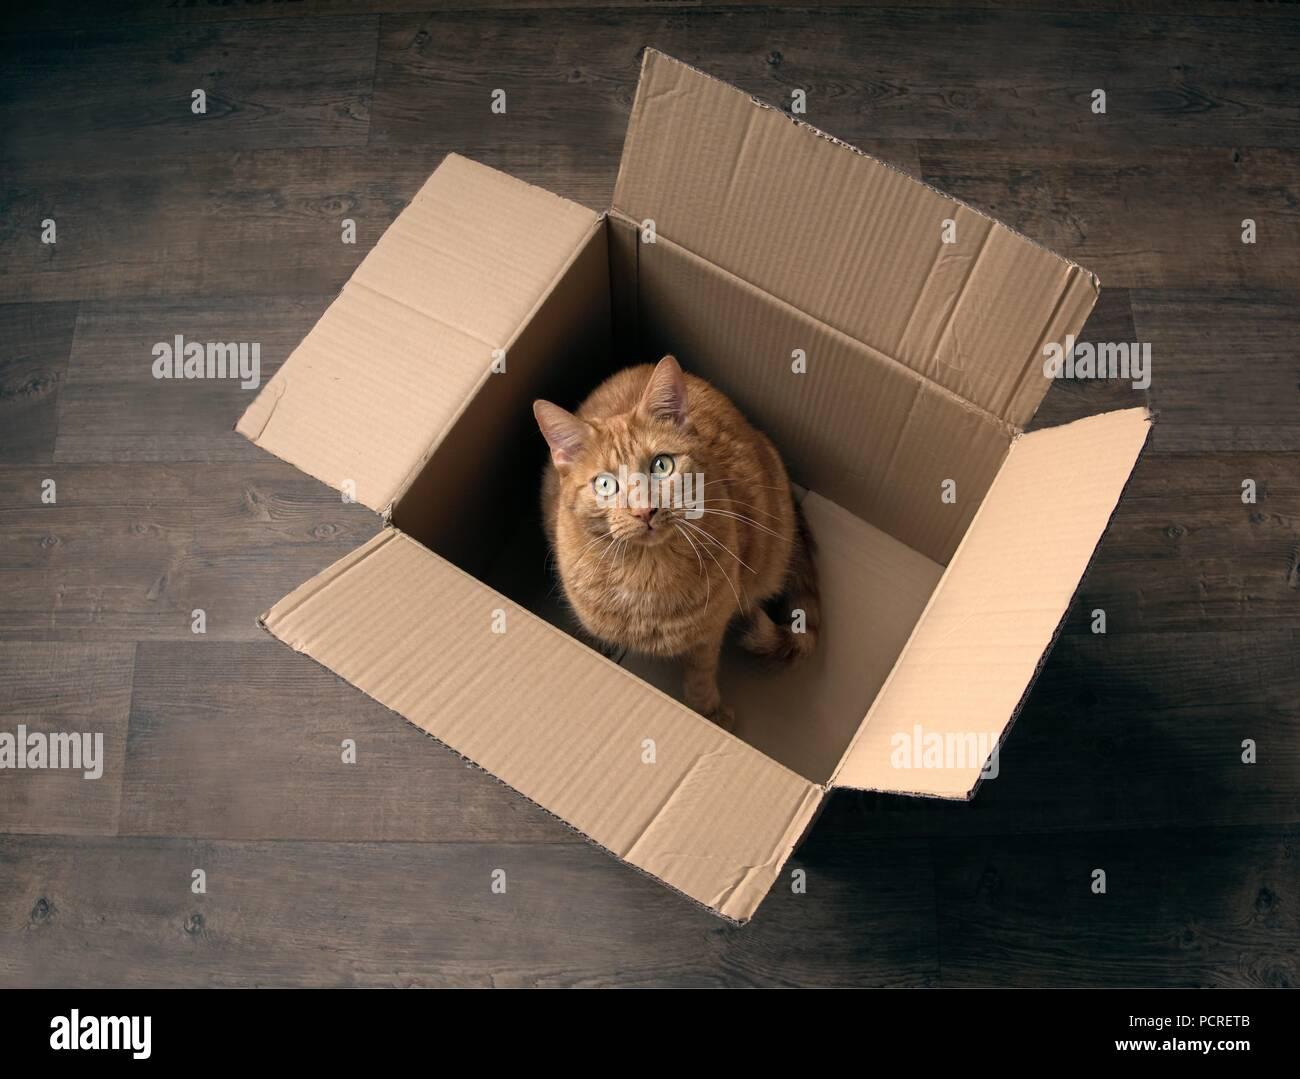 Lo zenzero Cute cat seduto in una scatola di cartone su un pavimento in legno e guardando curioso per la fotocamera. Immagini Stock